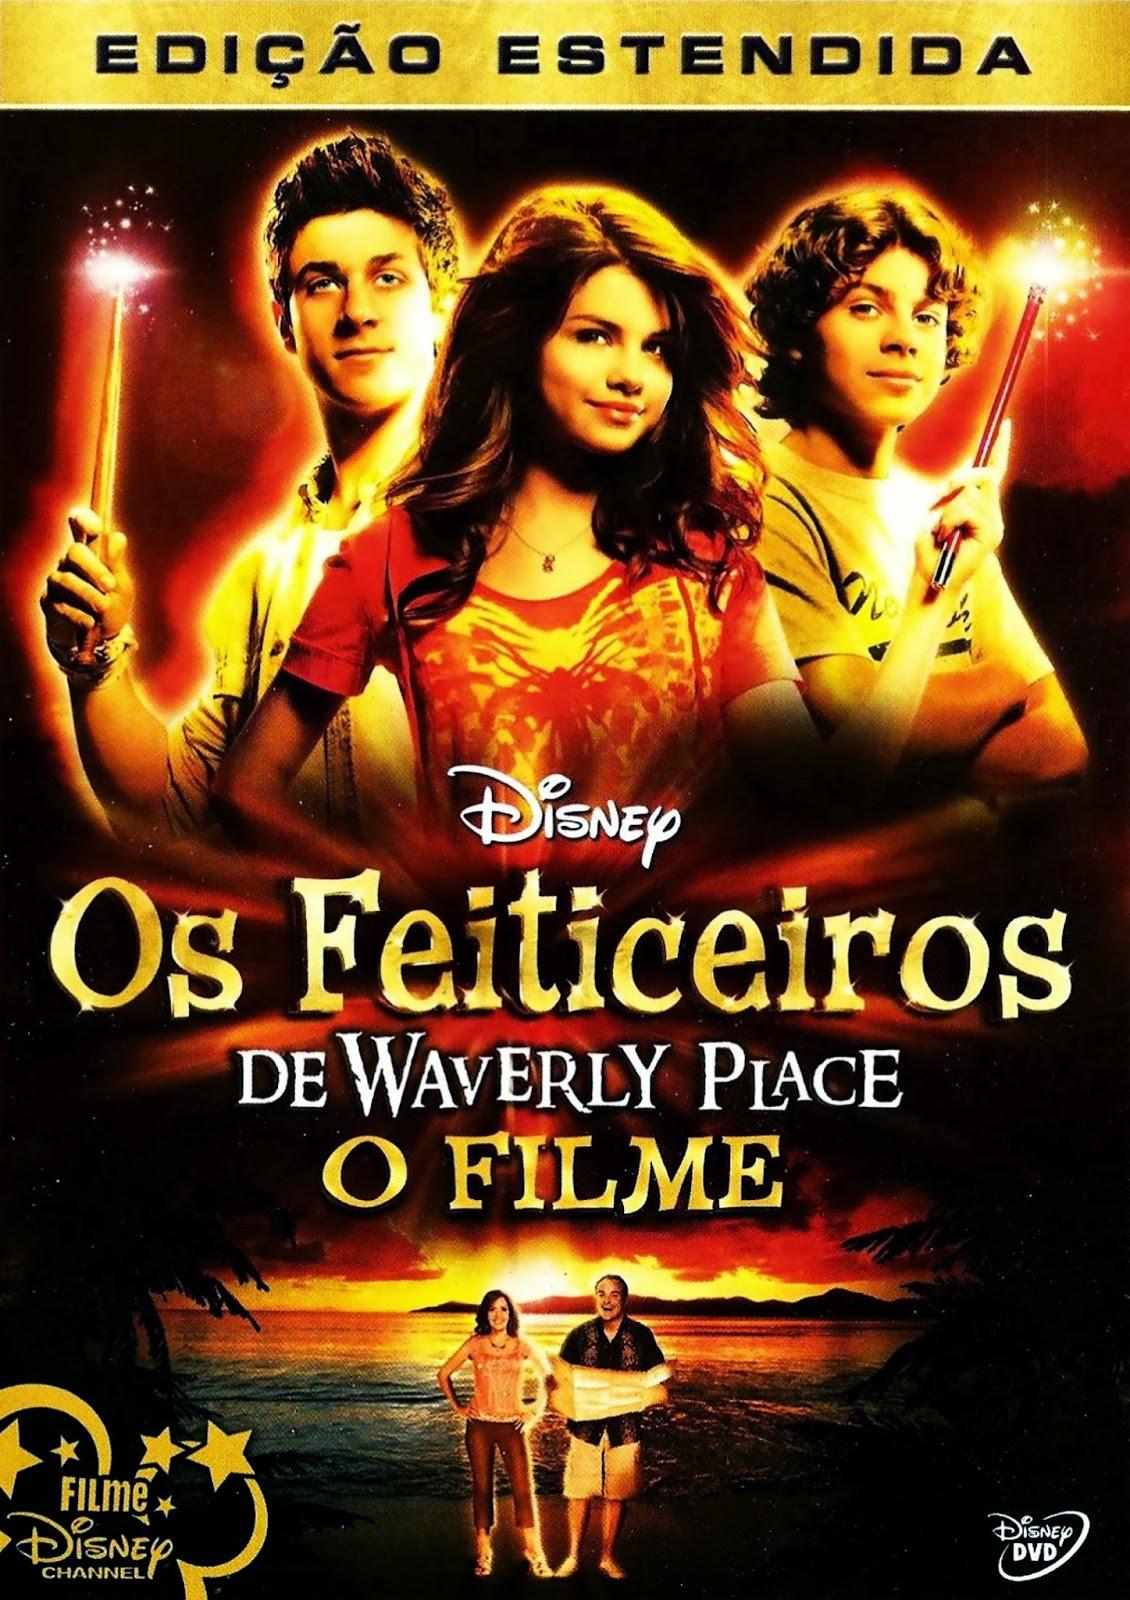 Os Feiticeiros de Waverly Place: O Filme – Dublado (2009)